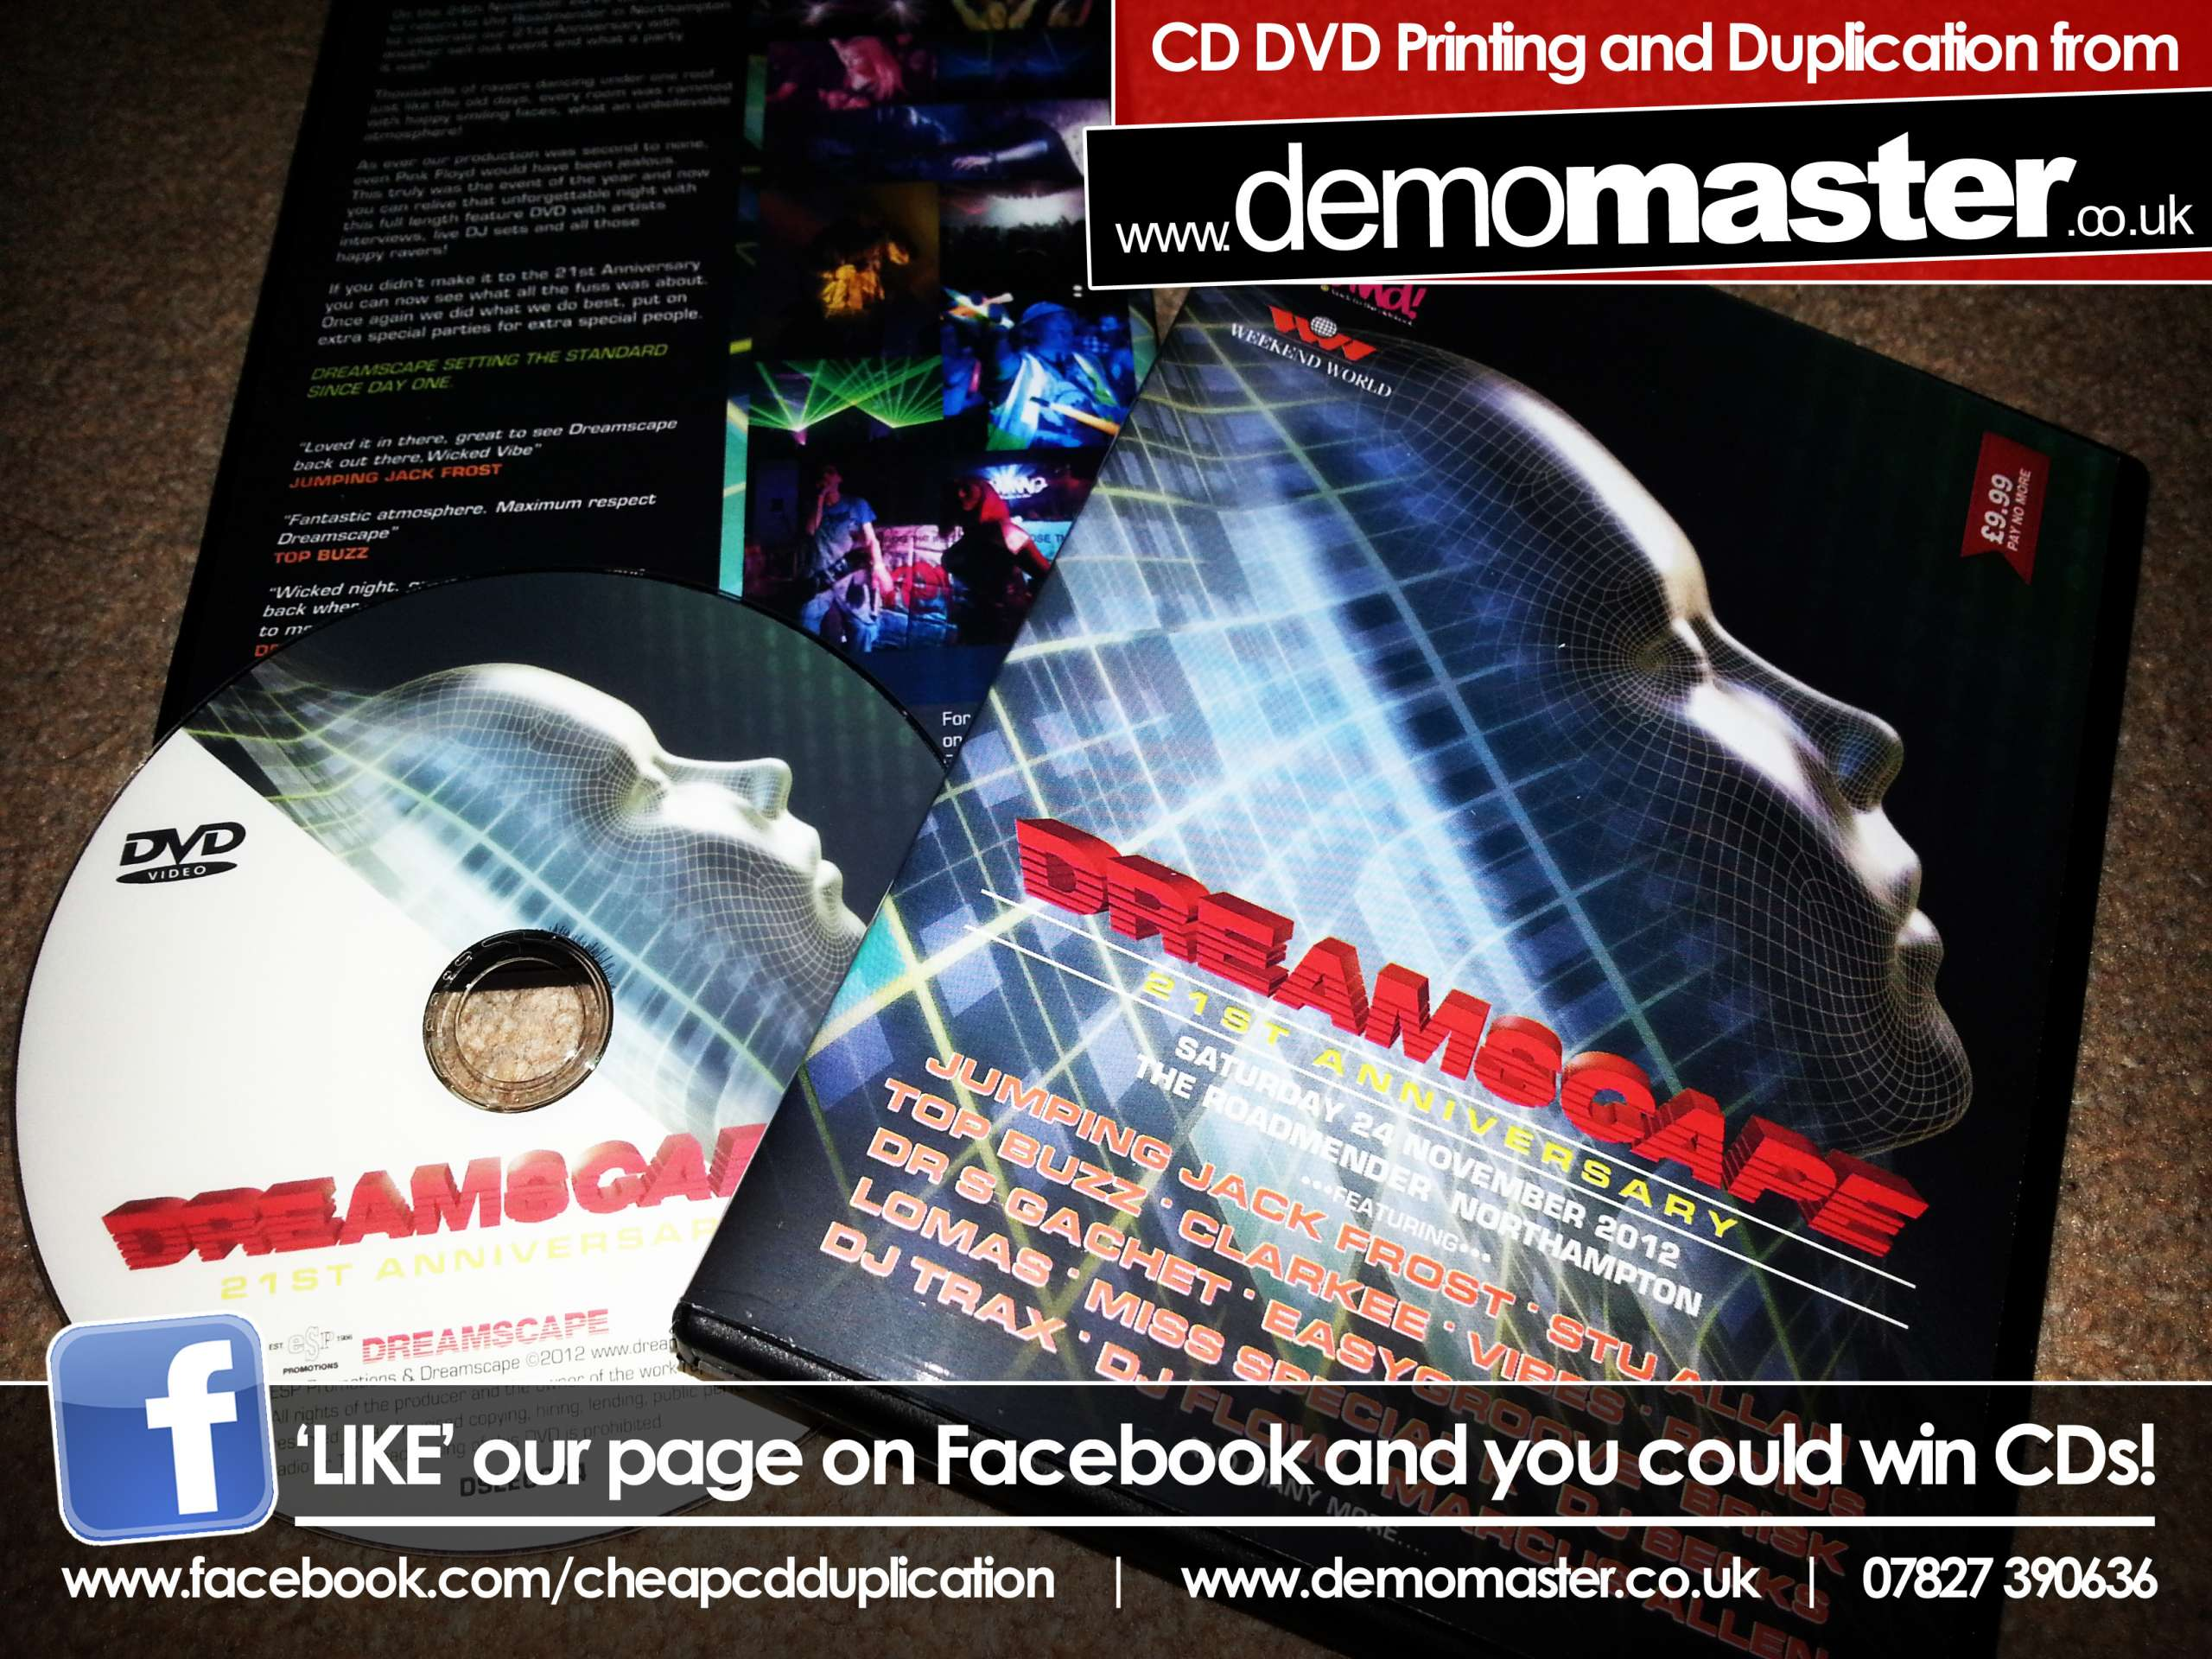 Dreamscape 21st Anniversary DVD